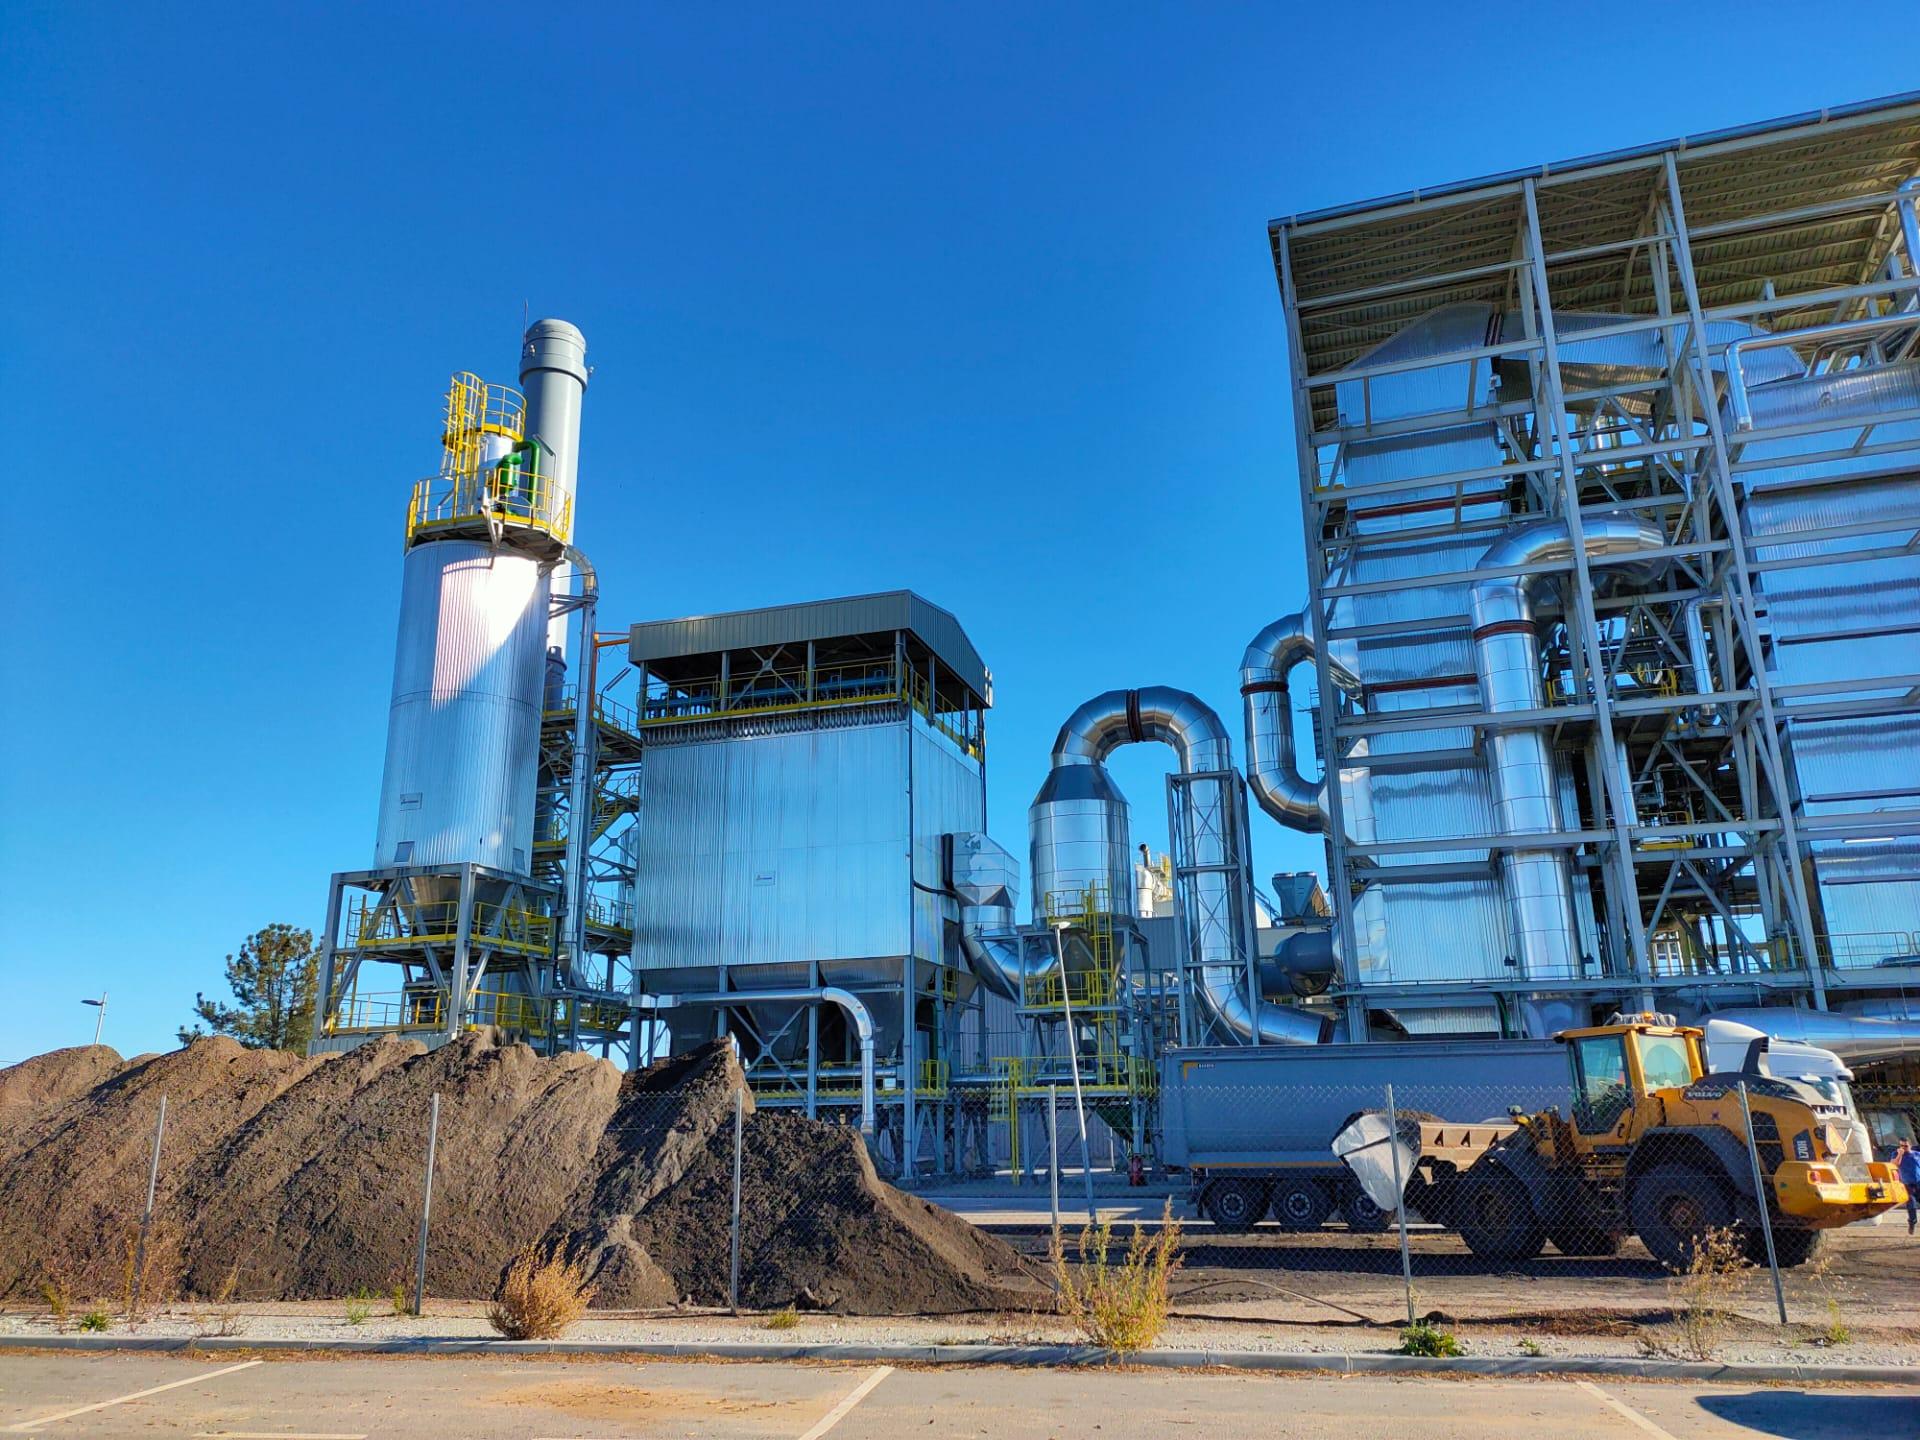 Associação ambientalista ZERO apela à suspensão da atividade da Central de Biomassa do Fundão